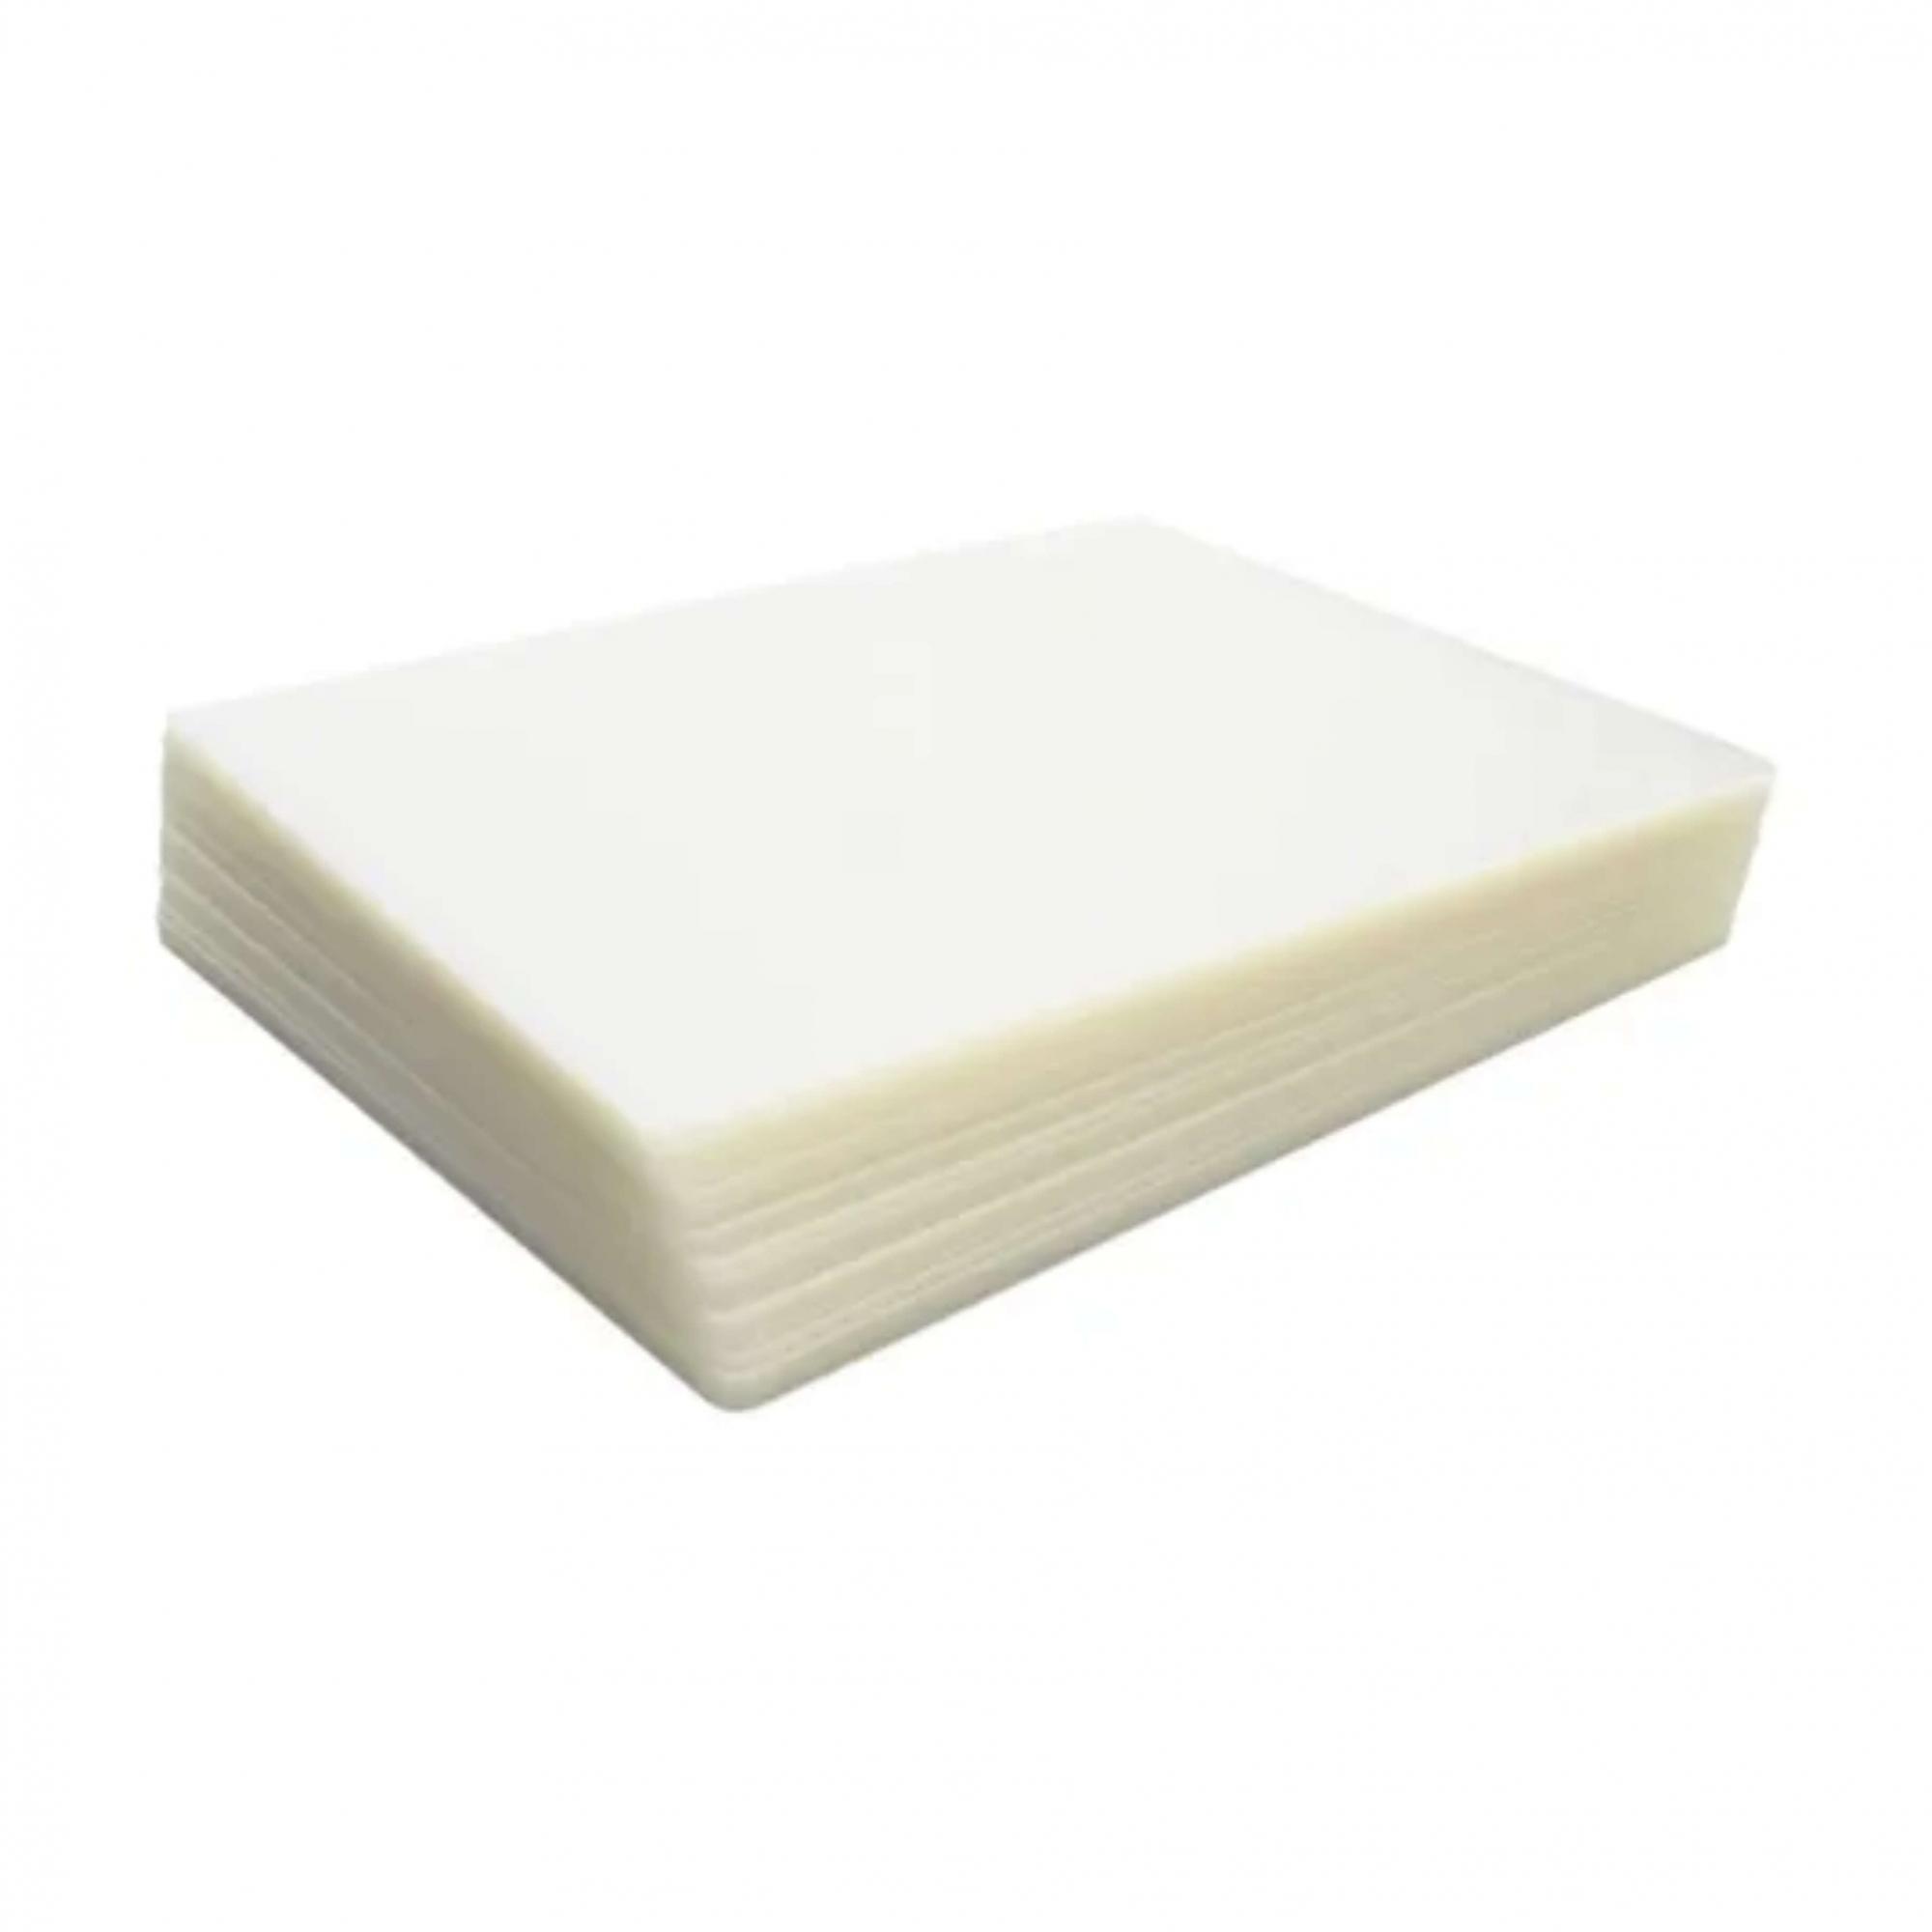 Polaseal Plástico para Plastificação CGC 110x170x0,07 100un Polaseal